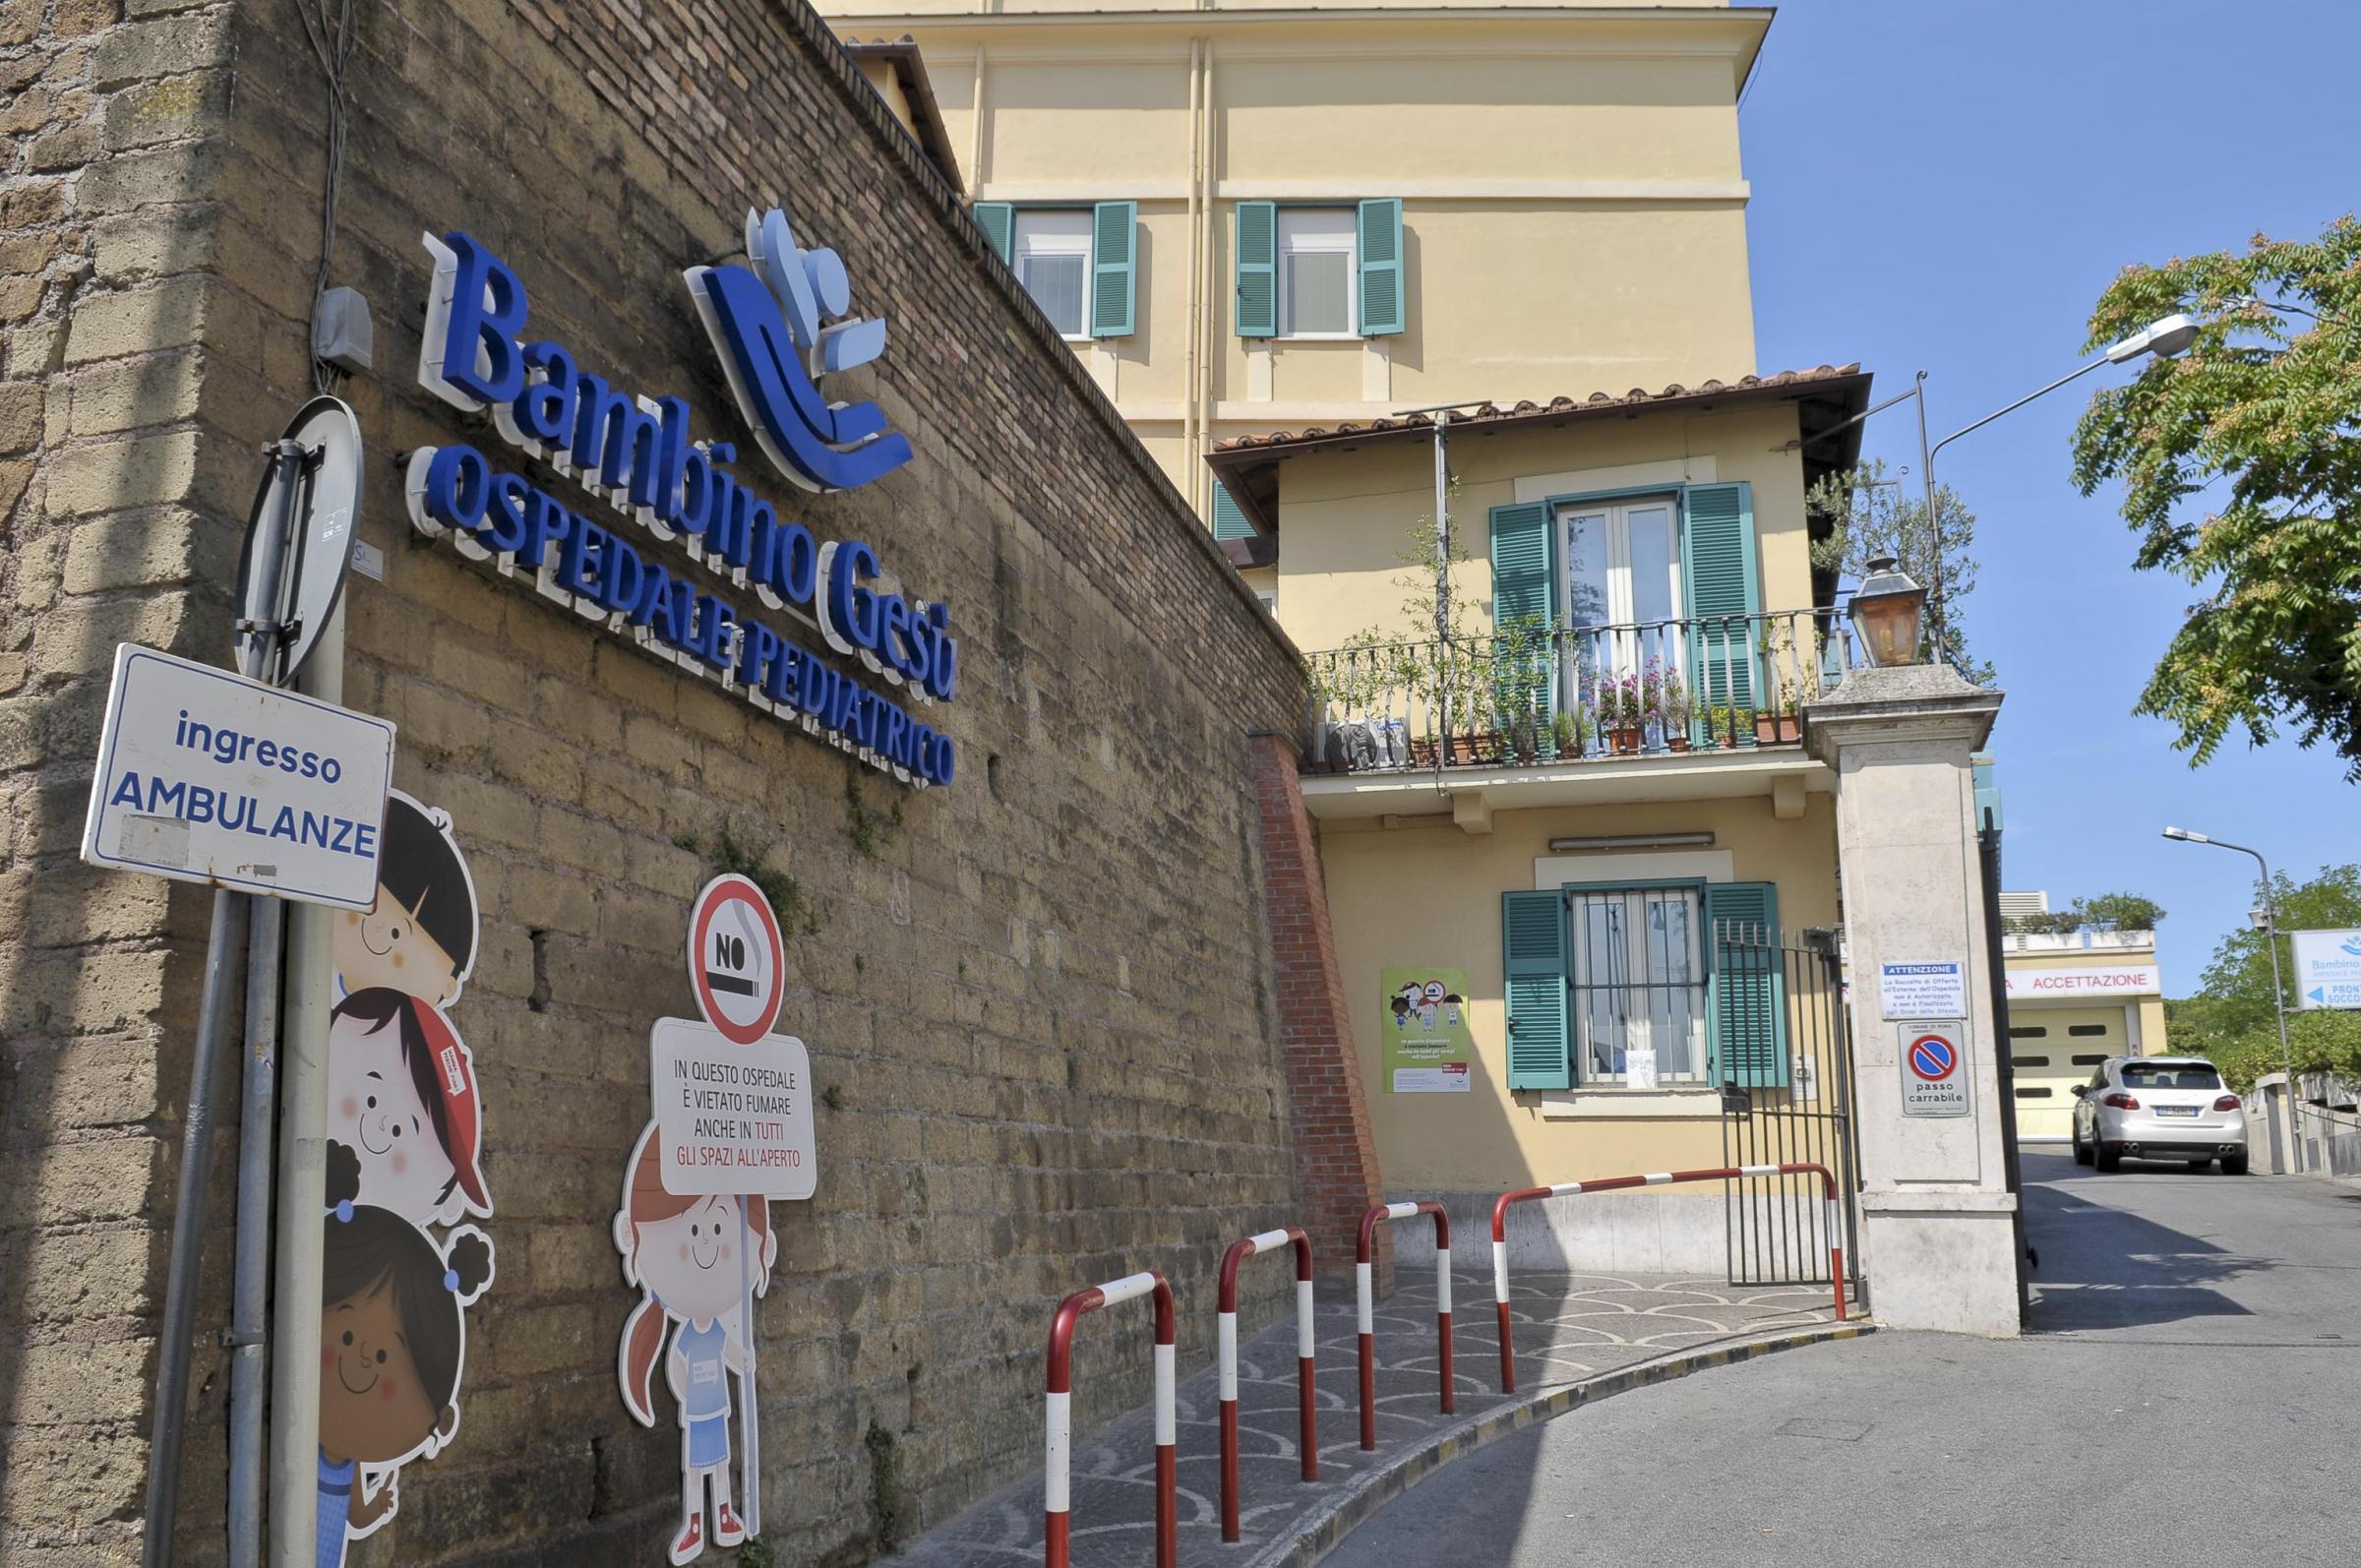 L'Ospedale Pediatrico Bambino Gesù